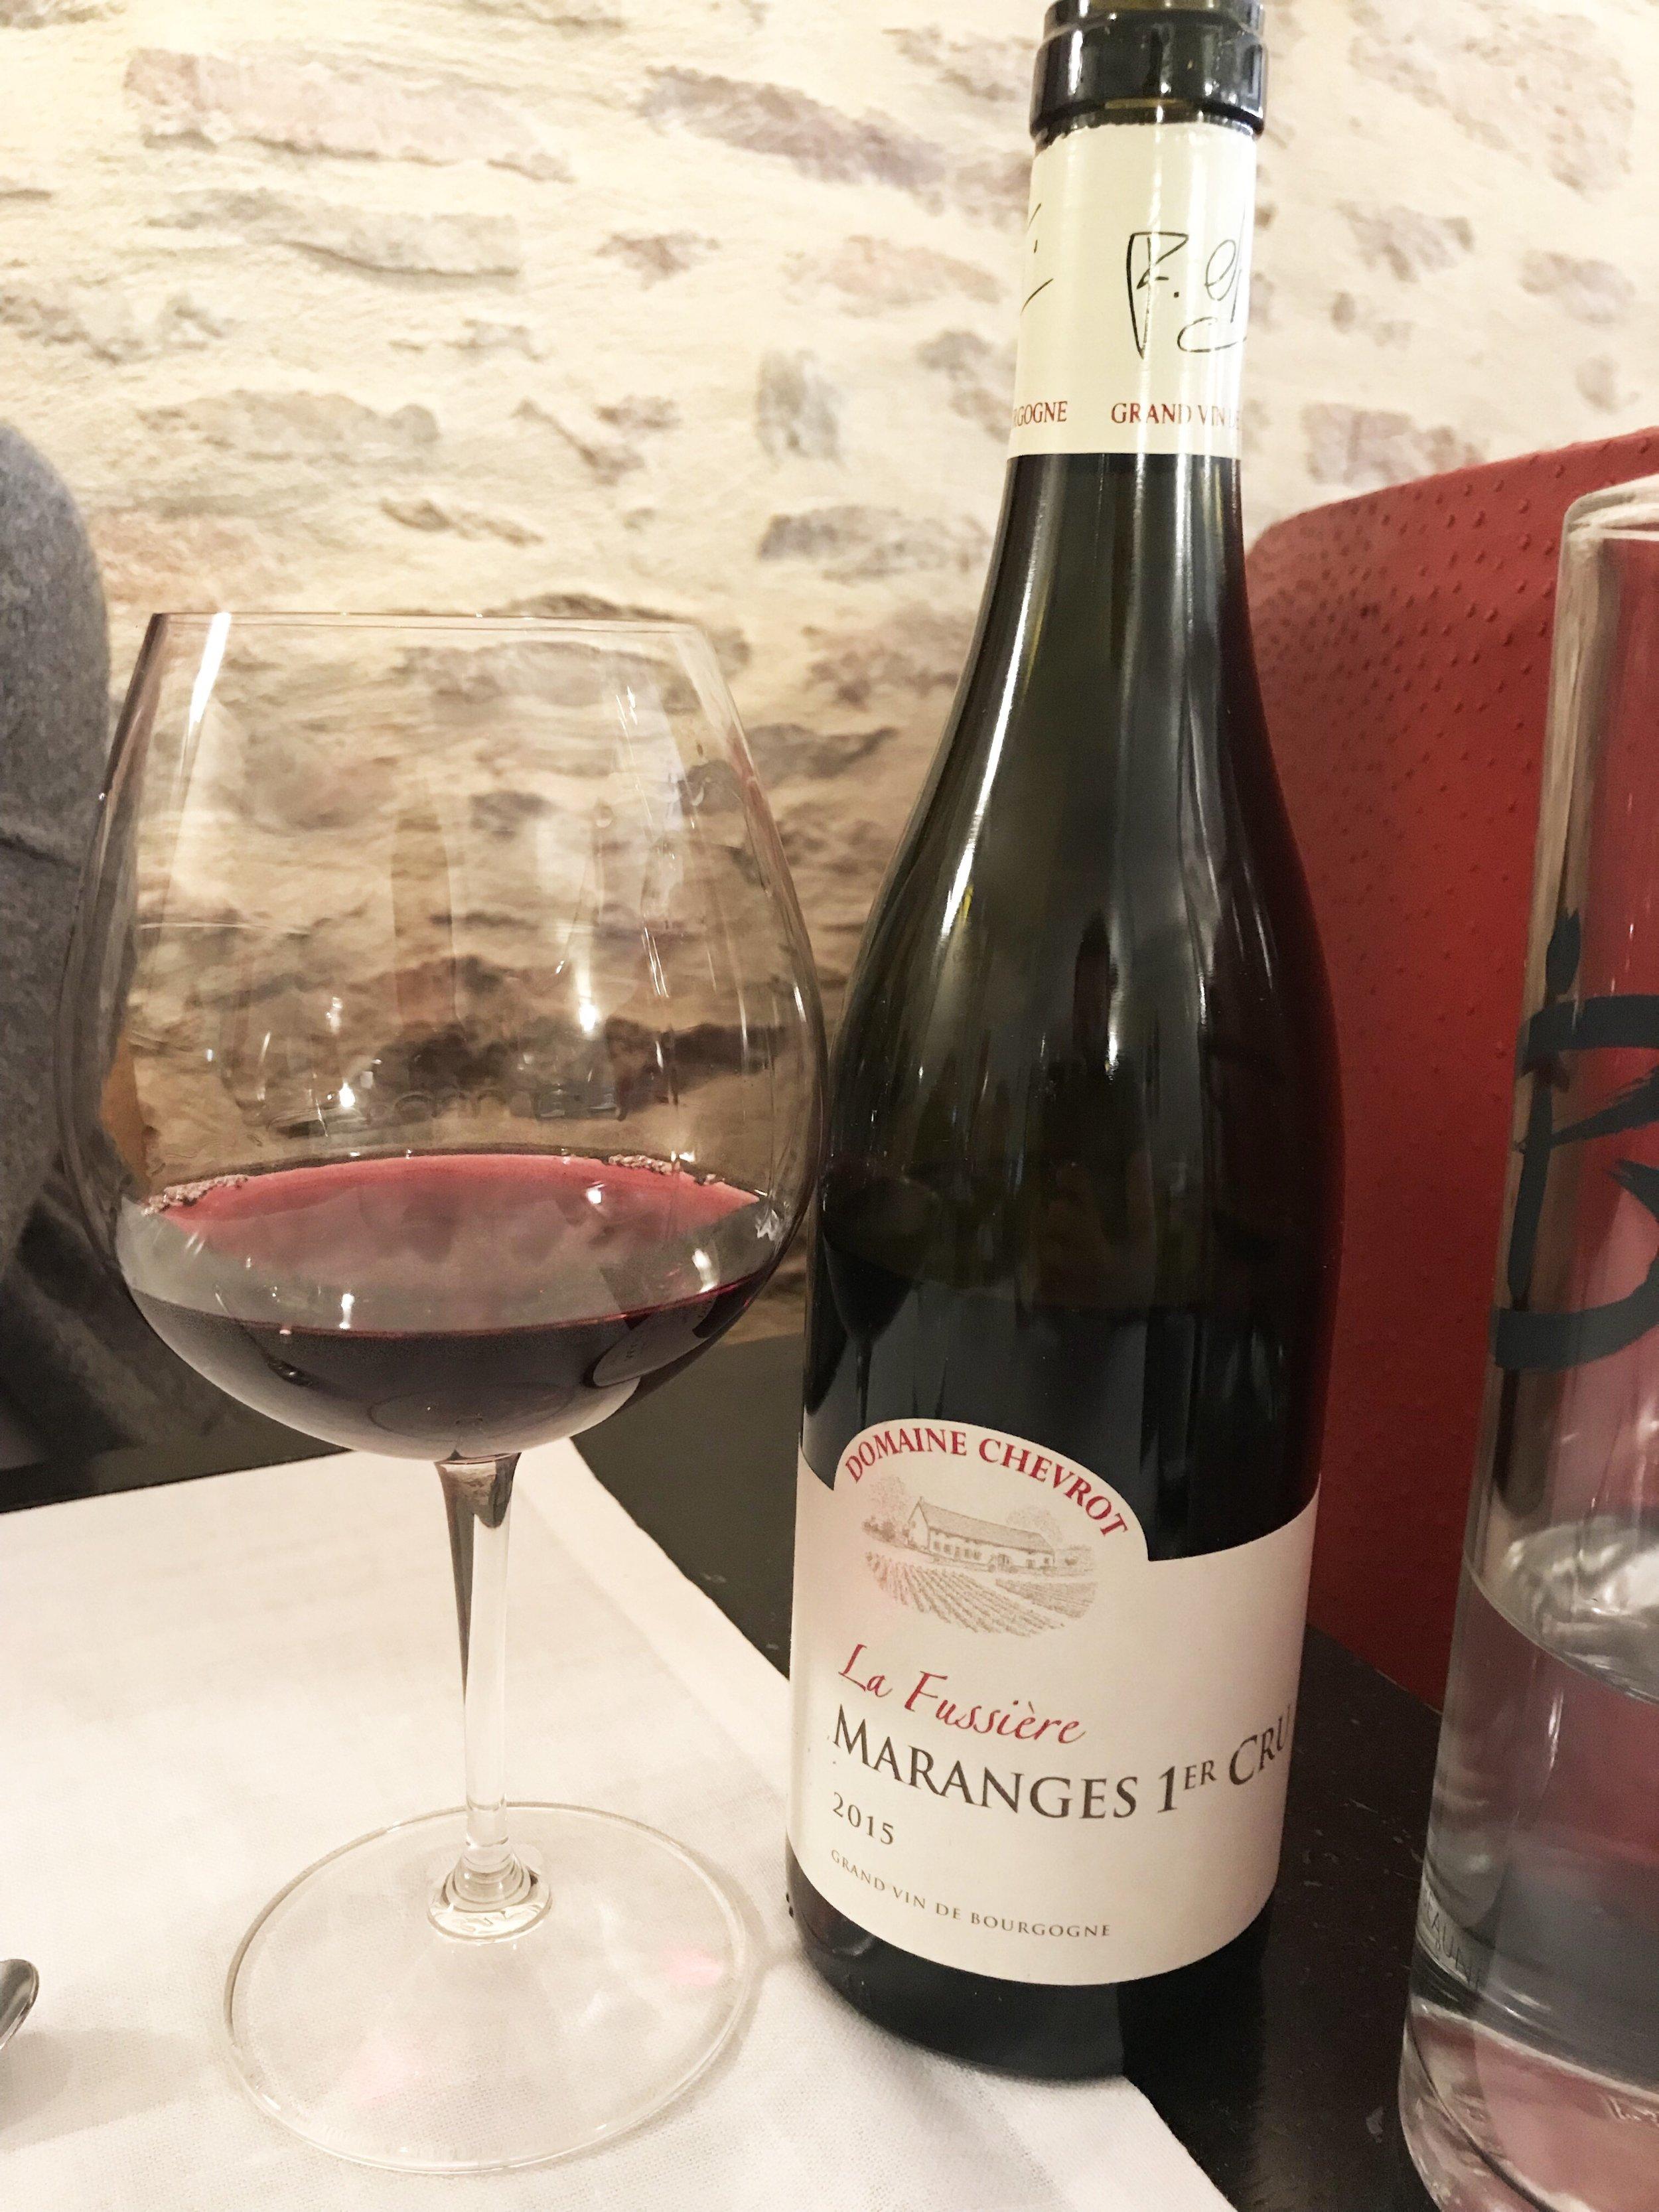 Amazing Burgundy Red Wine!